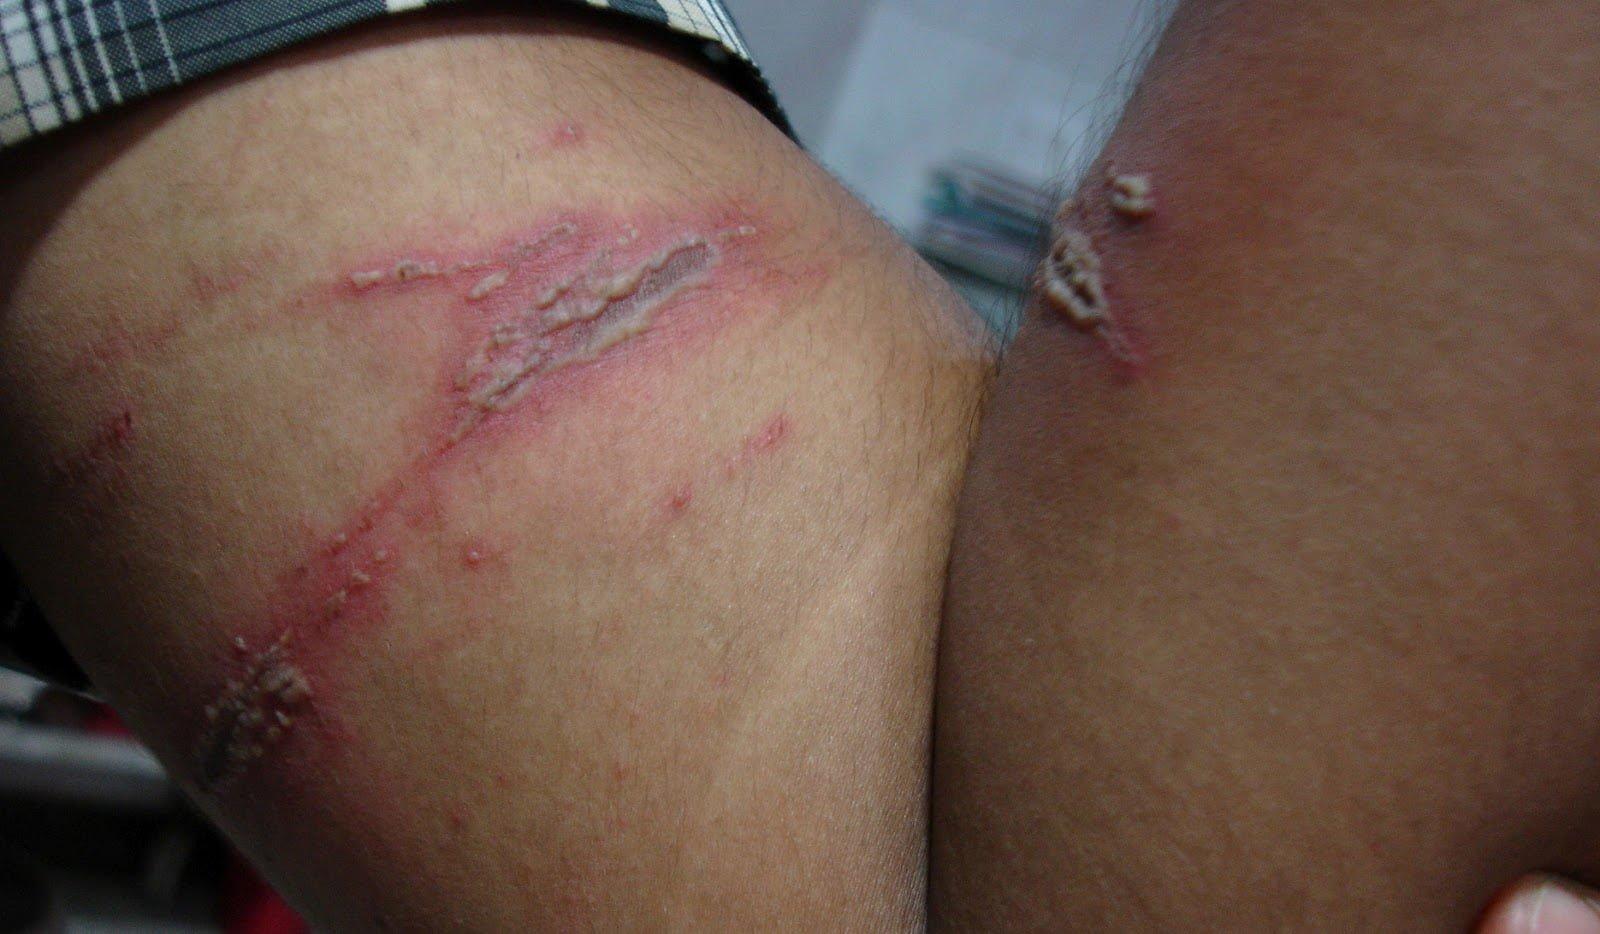 paederus_dermatitis_kissing_lesions_1_061030